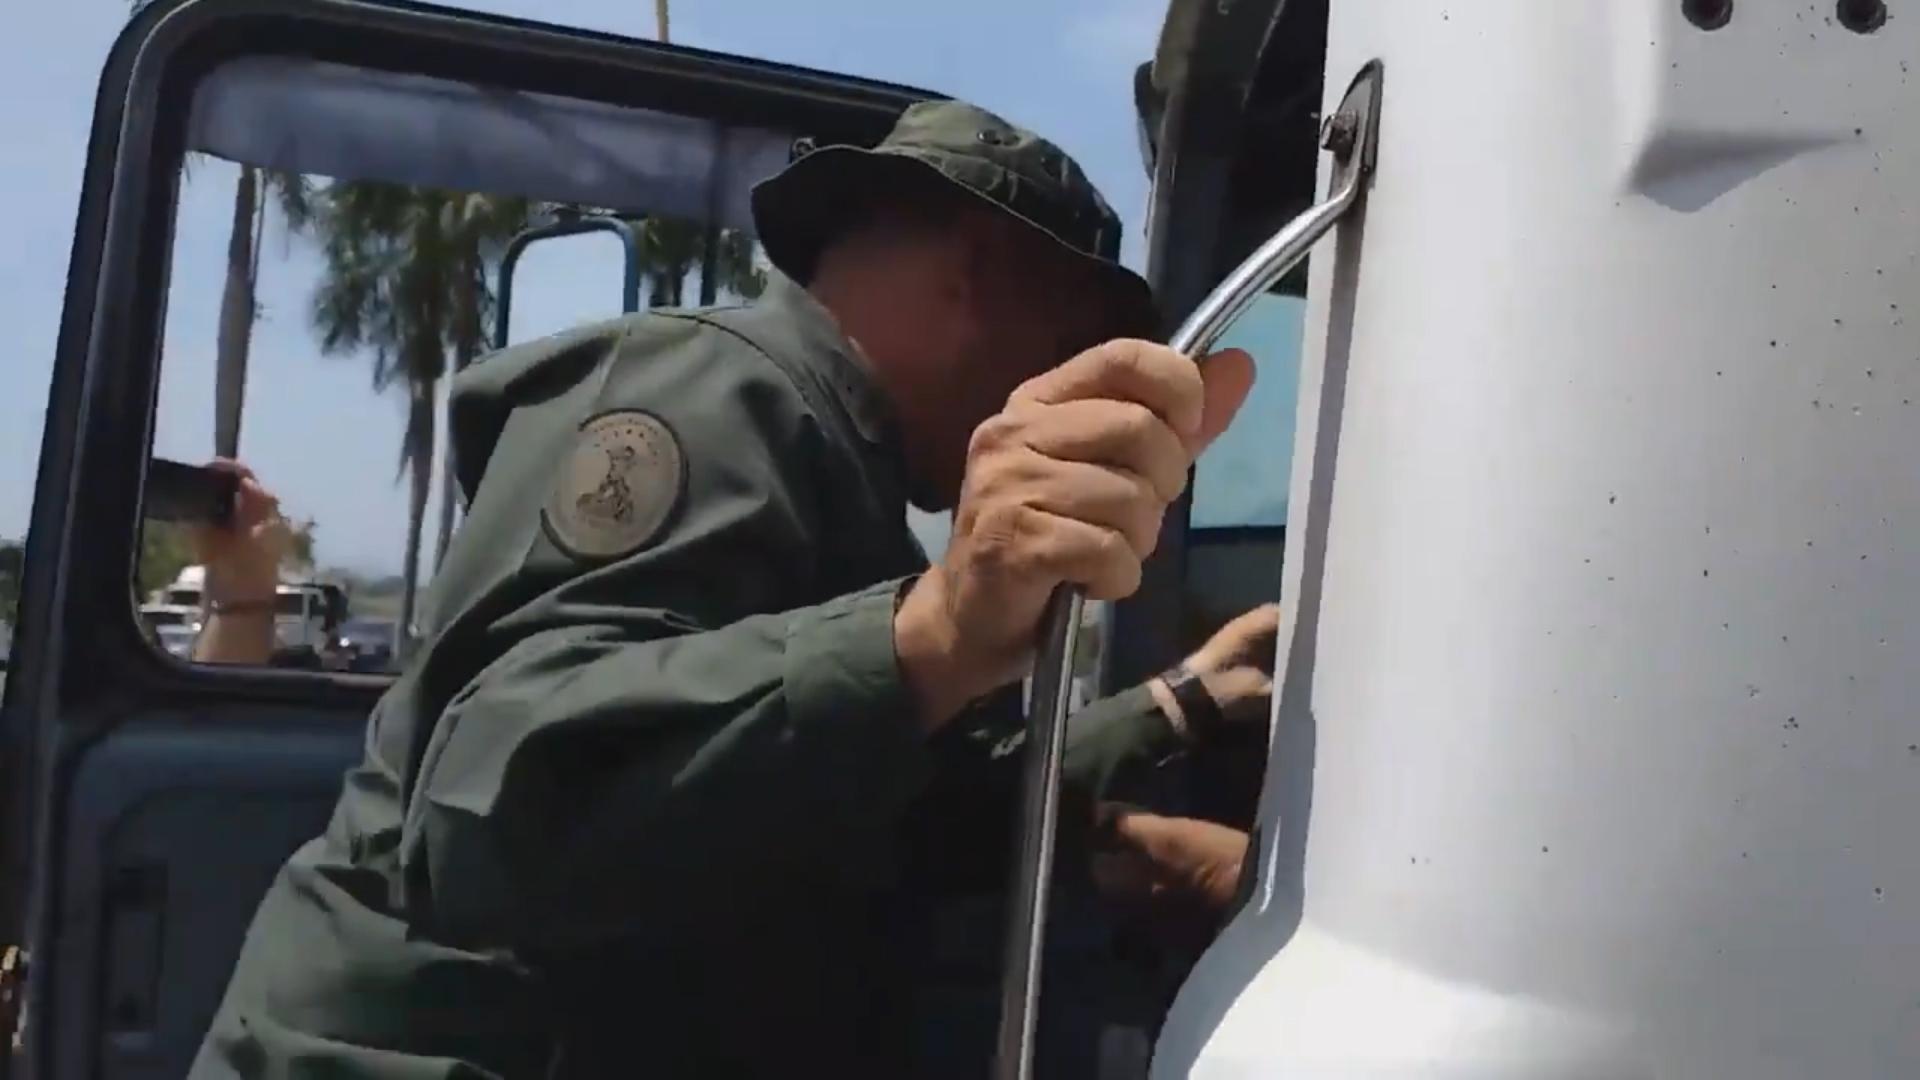 El momento en que el guardia chavista agrede a la caravana opositora